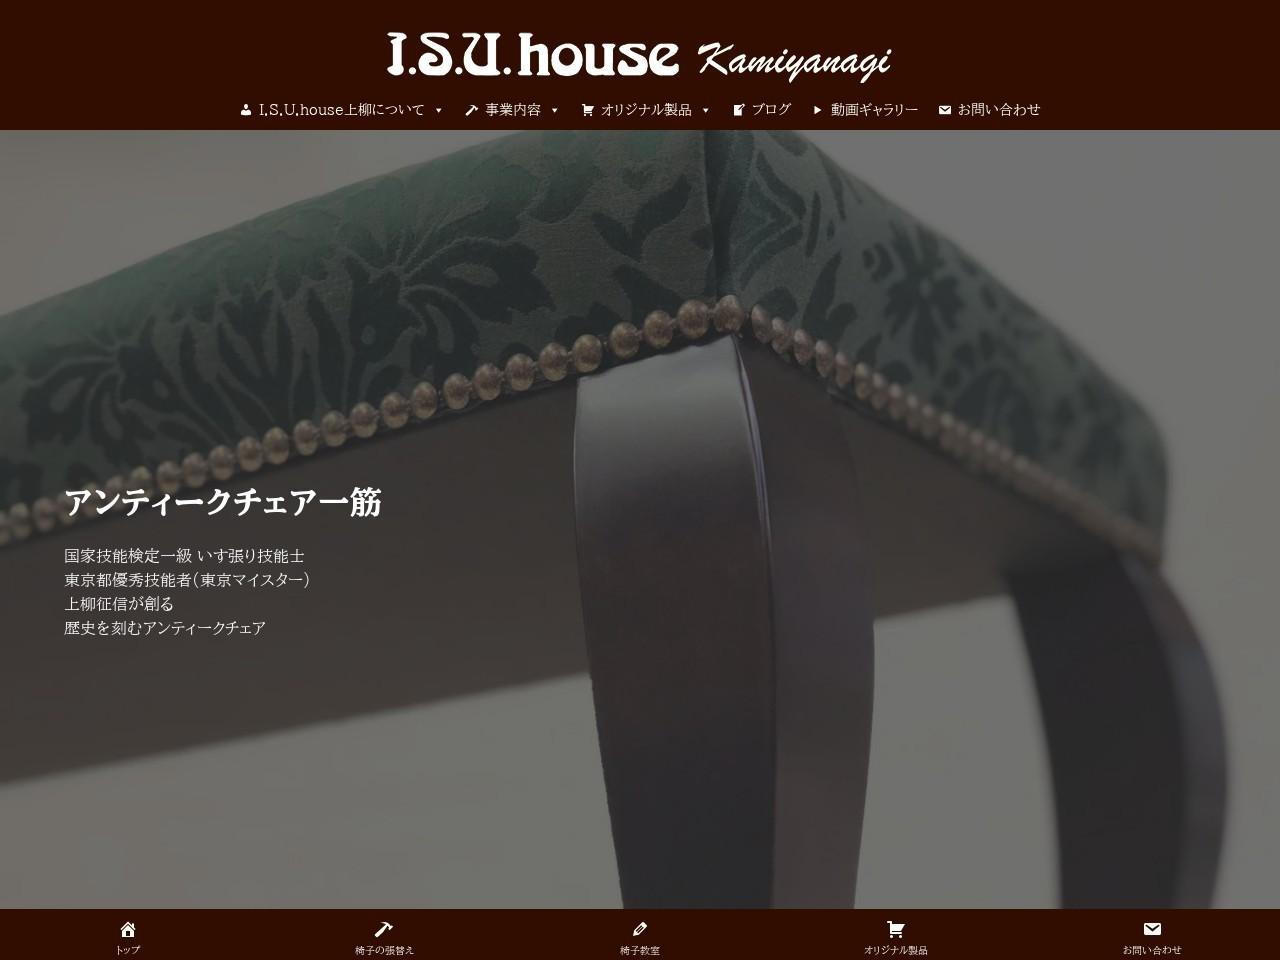 I.S.U.house上柳